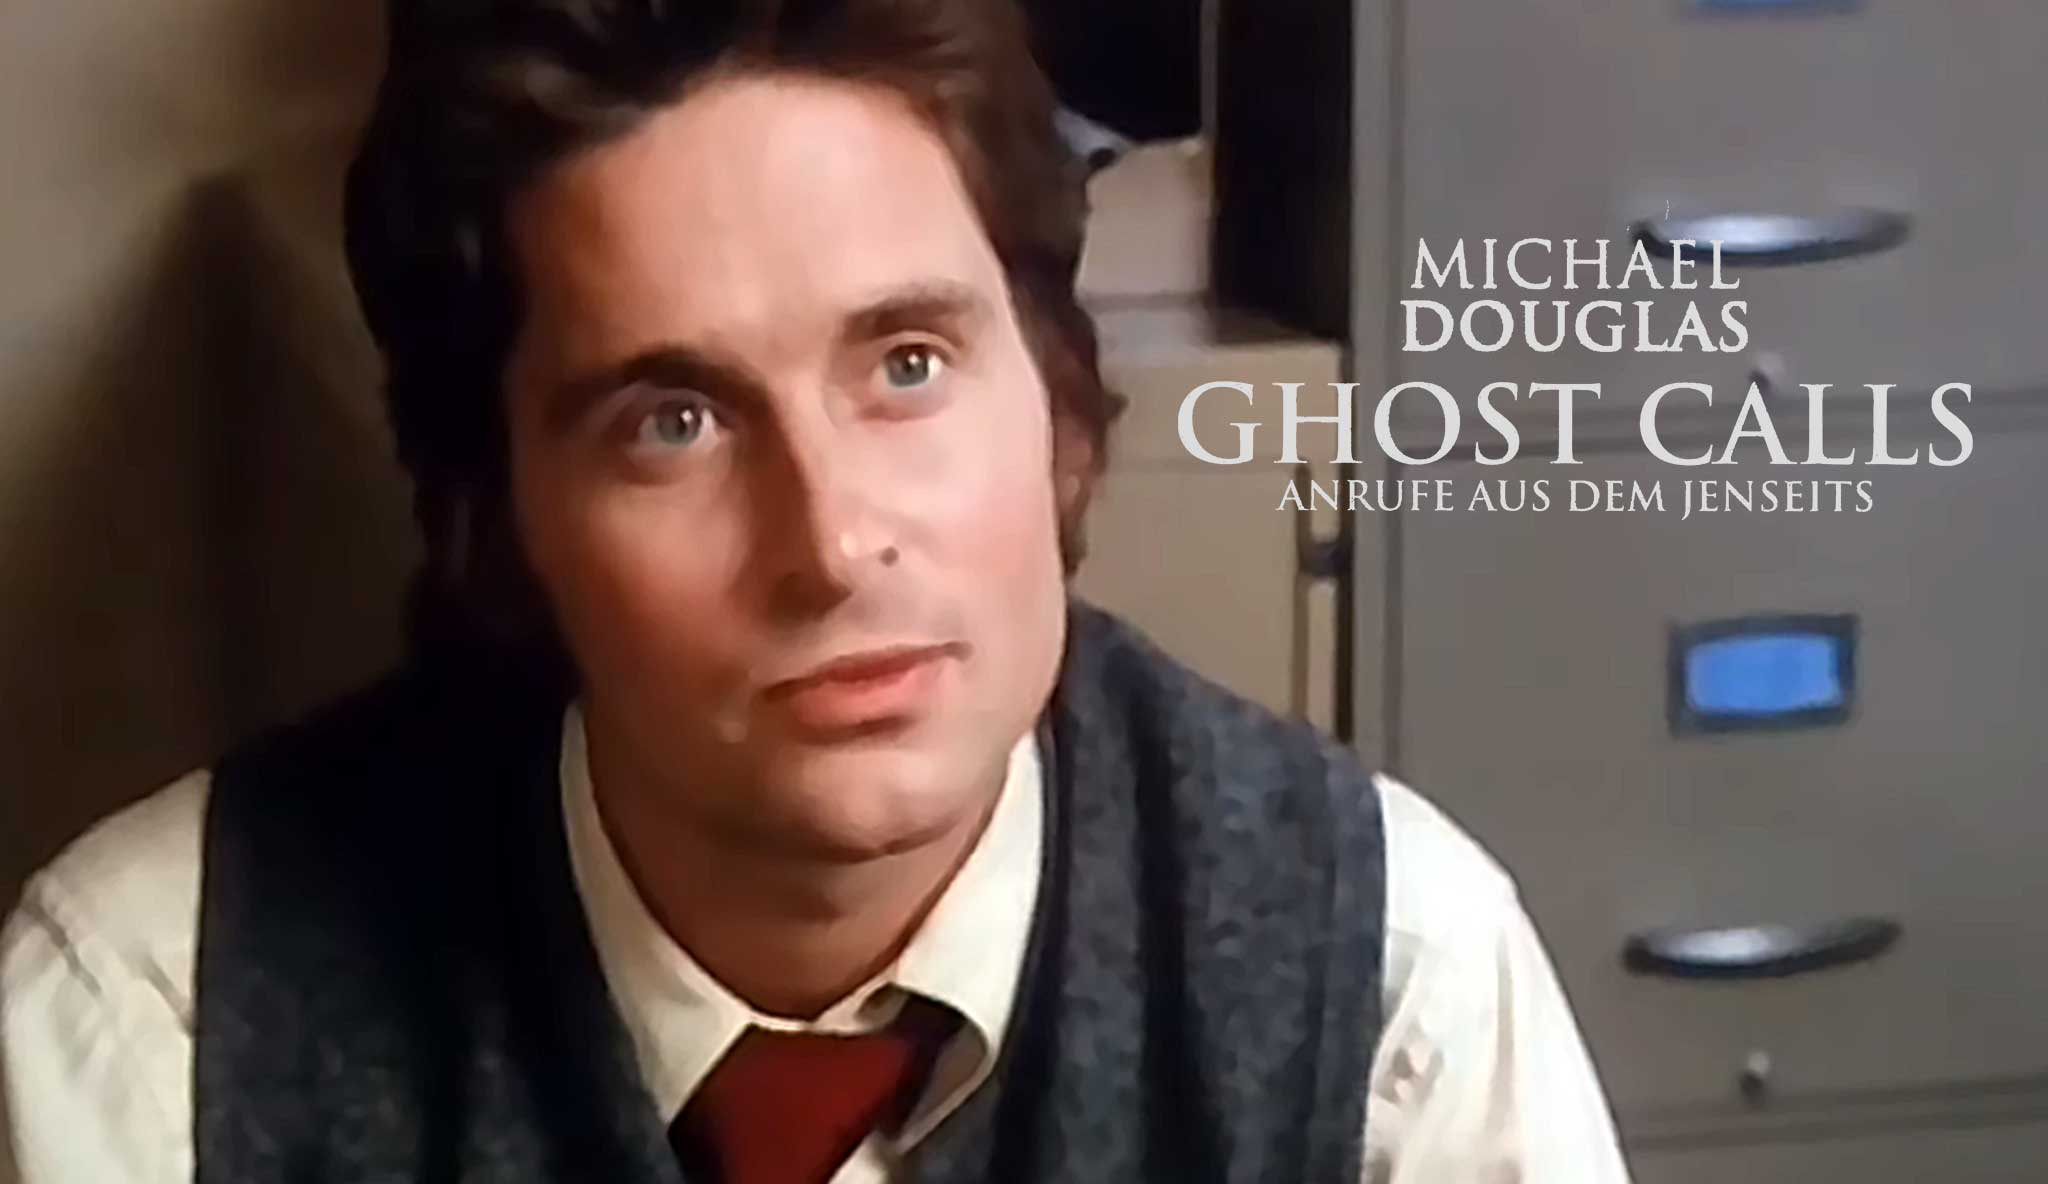 ghost-calls-anrufe-aus-dem-jenseits\header.jpg